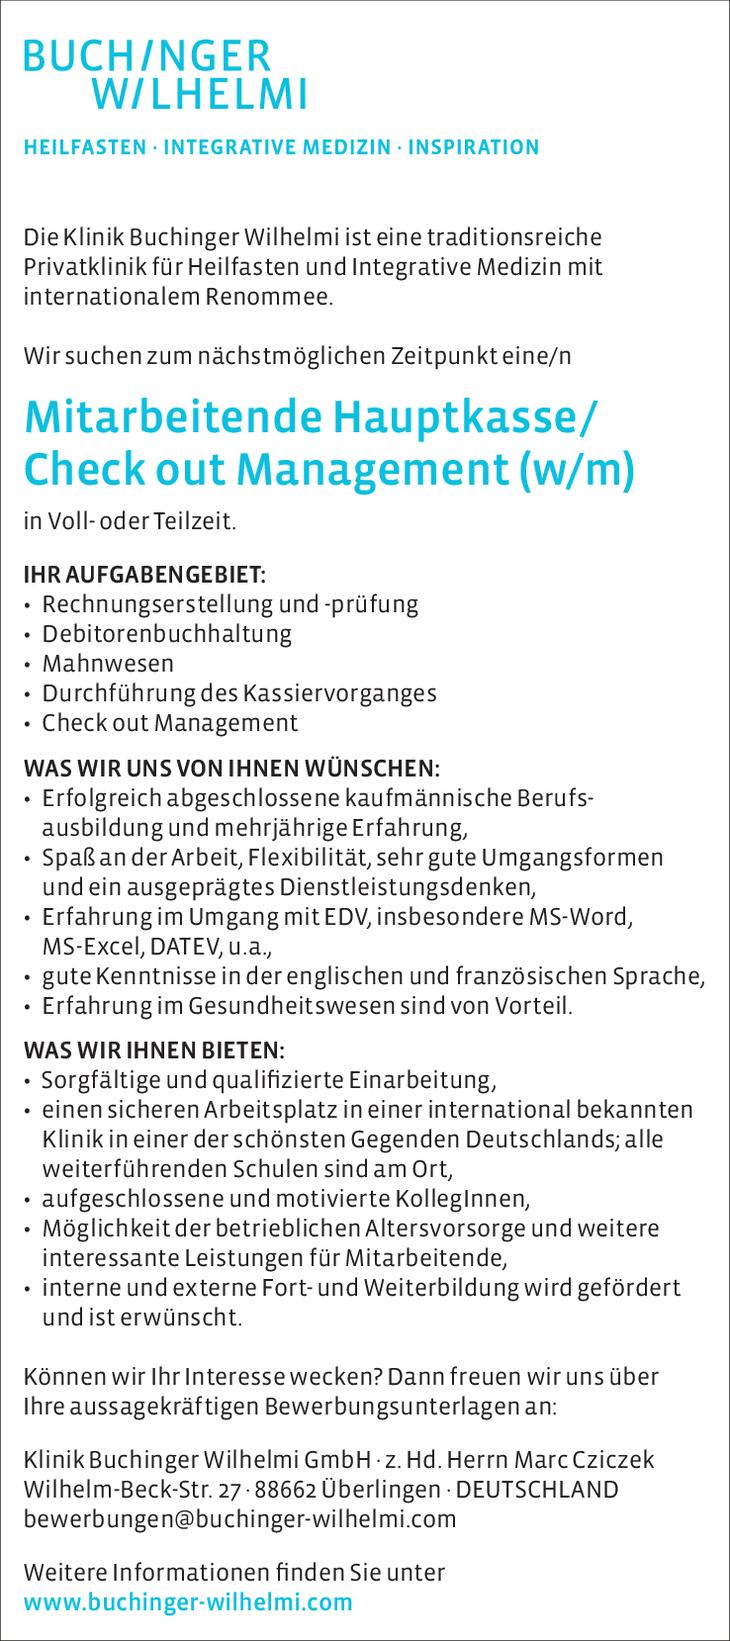 Die Klinik Buchinger Wilhelmi ist eine traditionsreiche Privatklinik für Heilfasten und Integrative Medizin mit internationalem Renommee. Wir suchen zum nächstmöglichen Zeitpunkt: Medizinisches Fach.